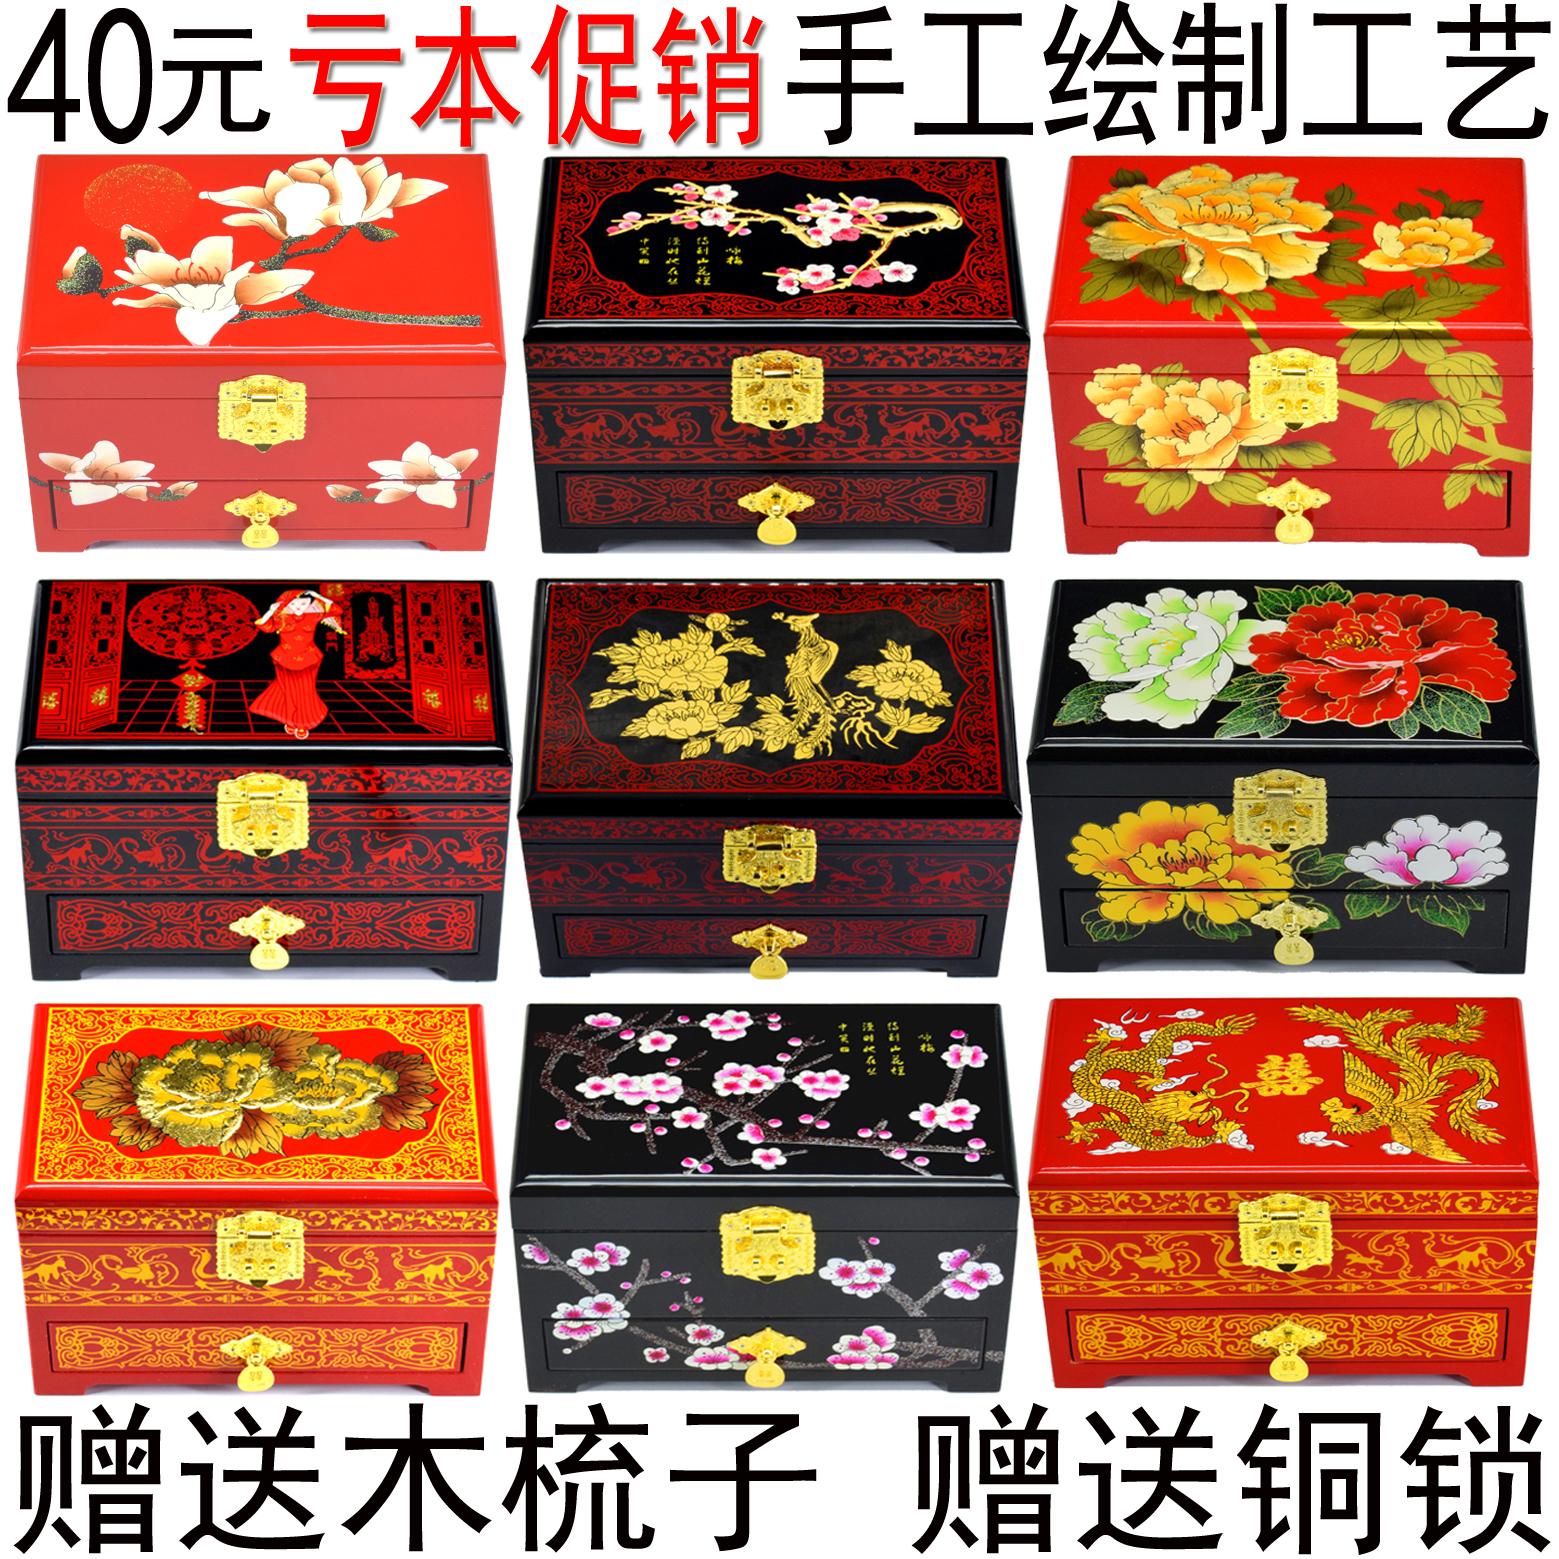 平遥推光漆器实木质复古生日首饰盒